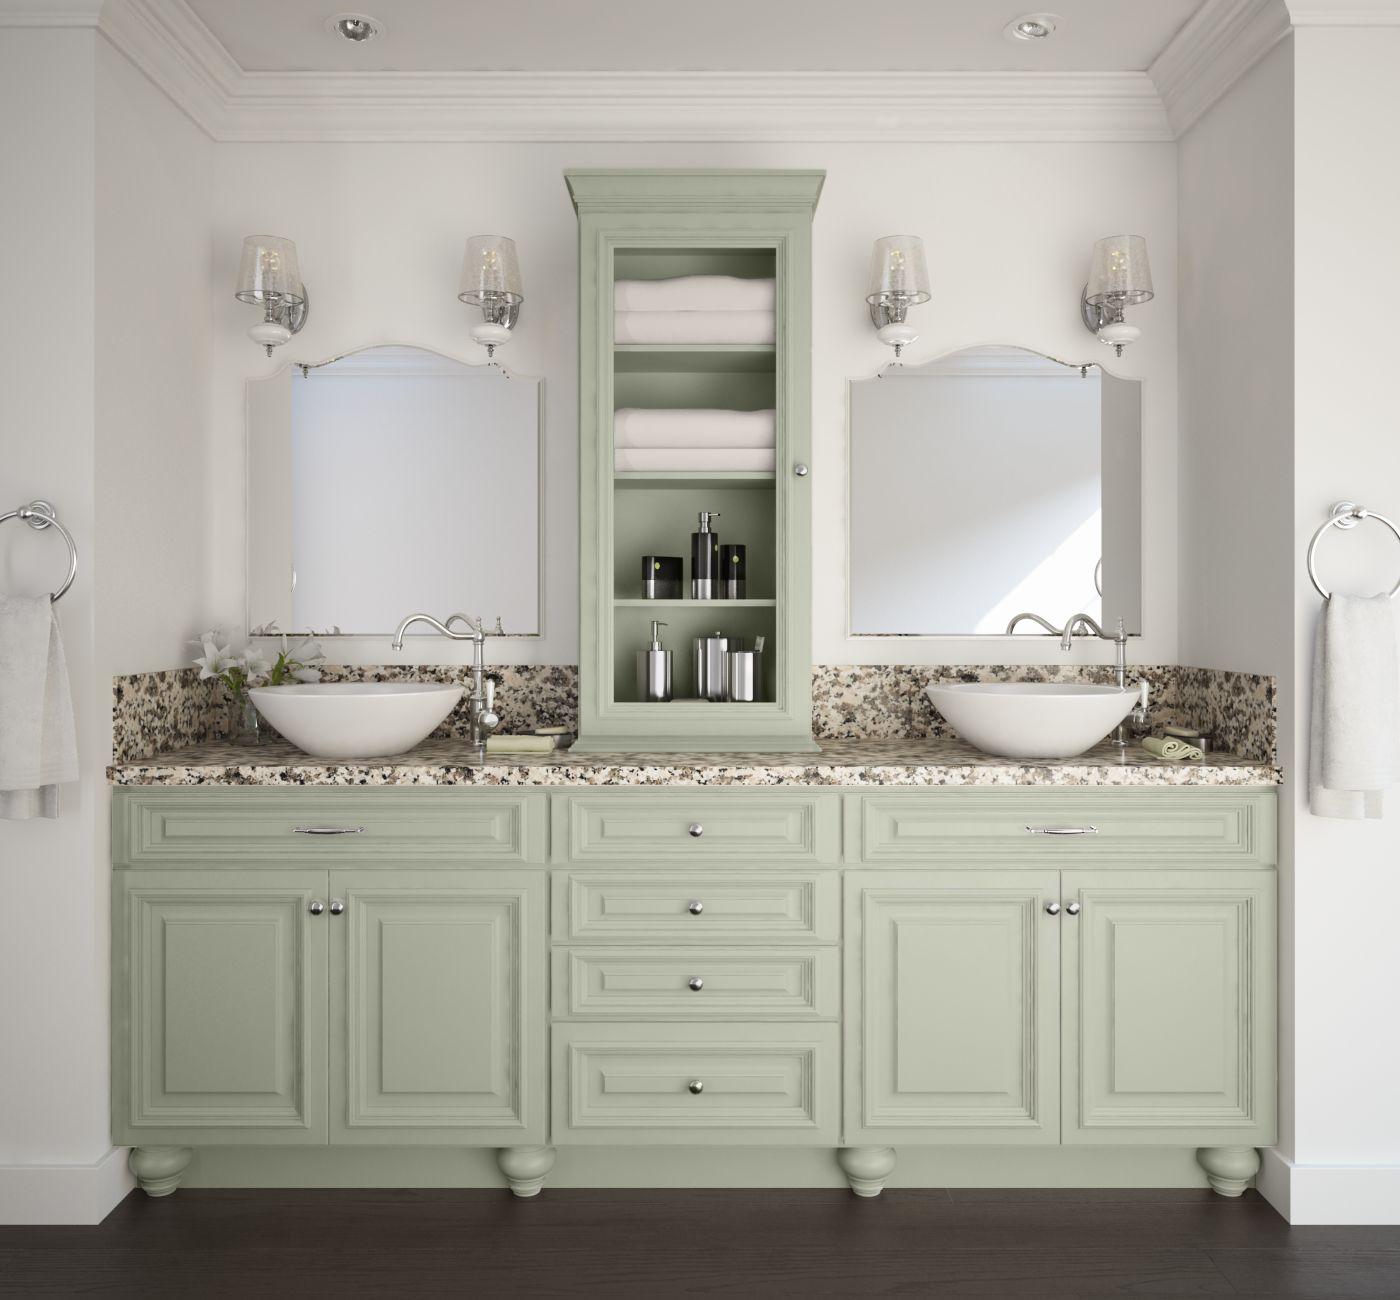 Semi Custom Bathroom Vanity: Roosevelt Sage